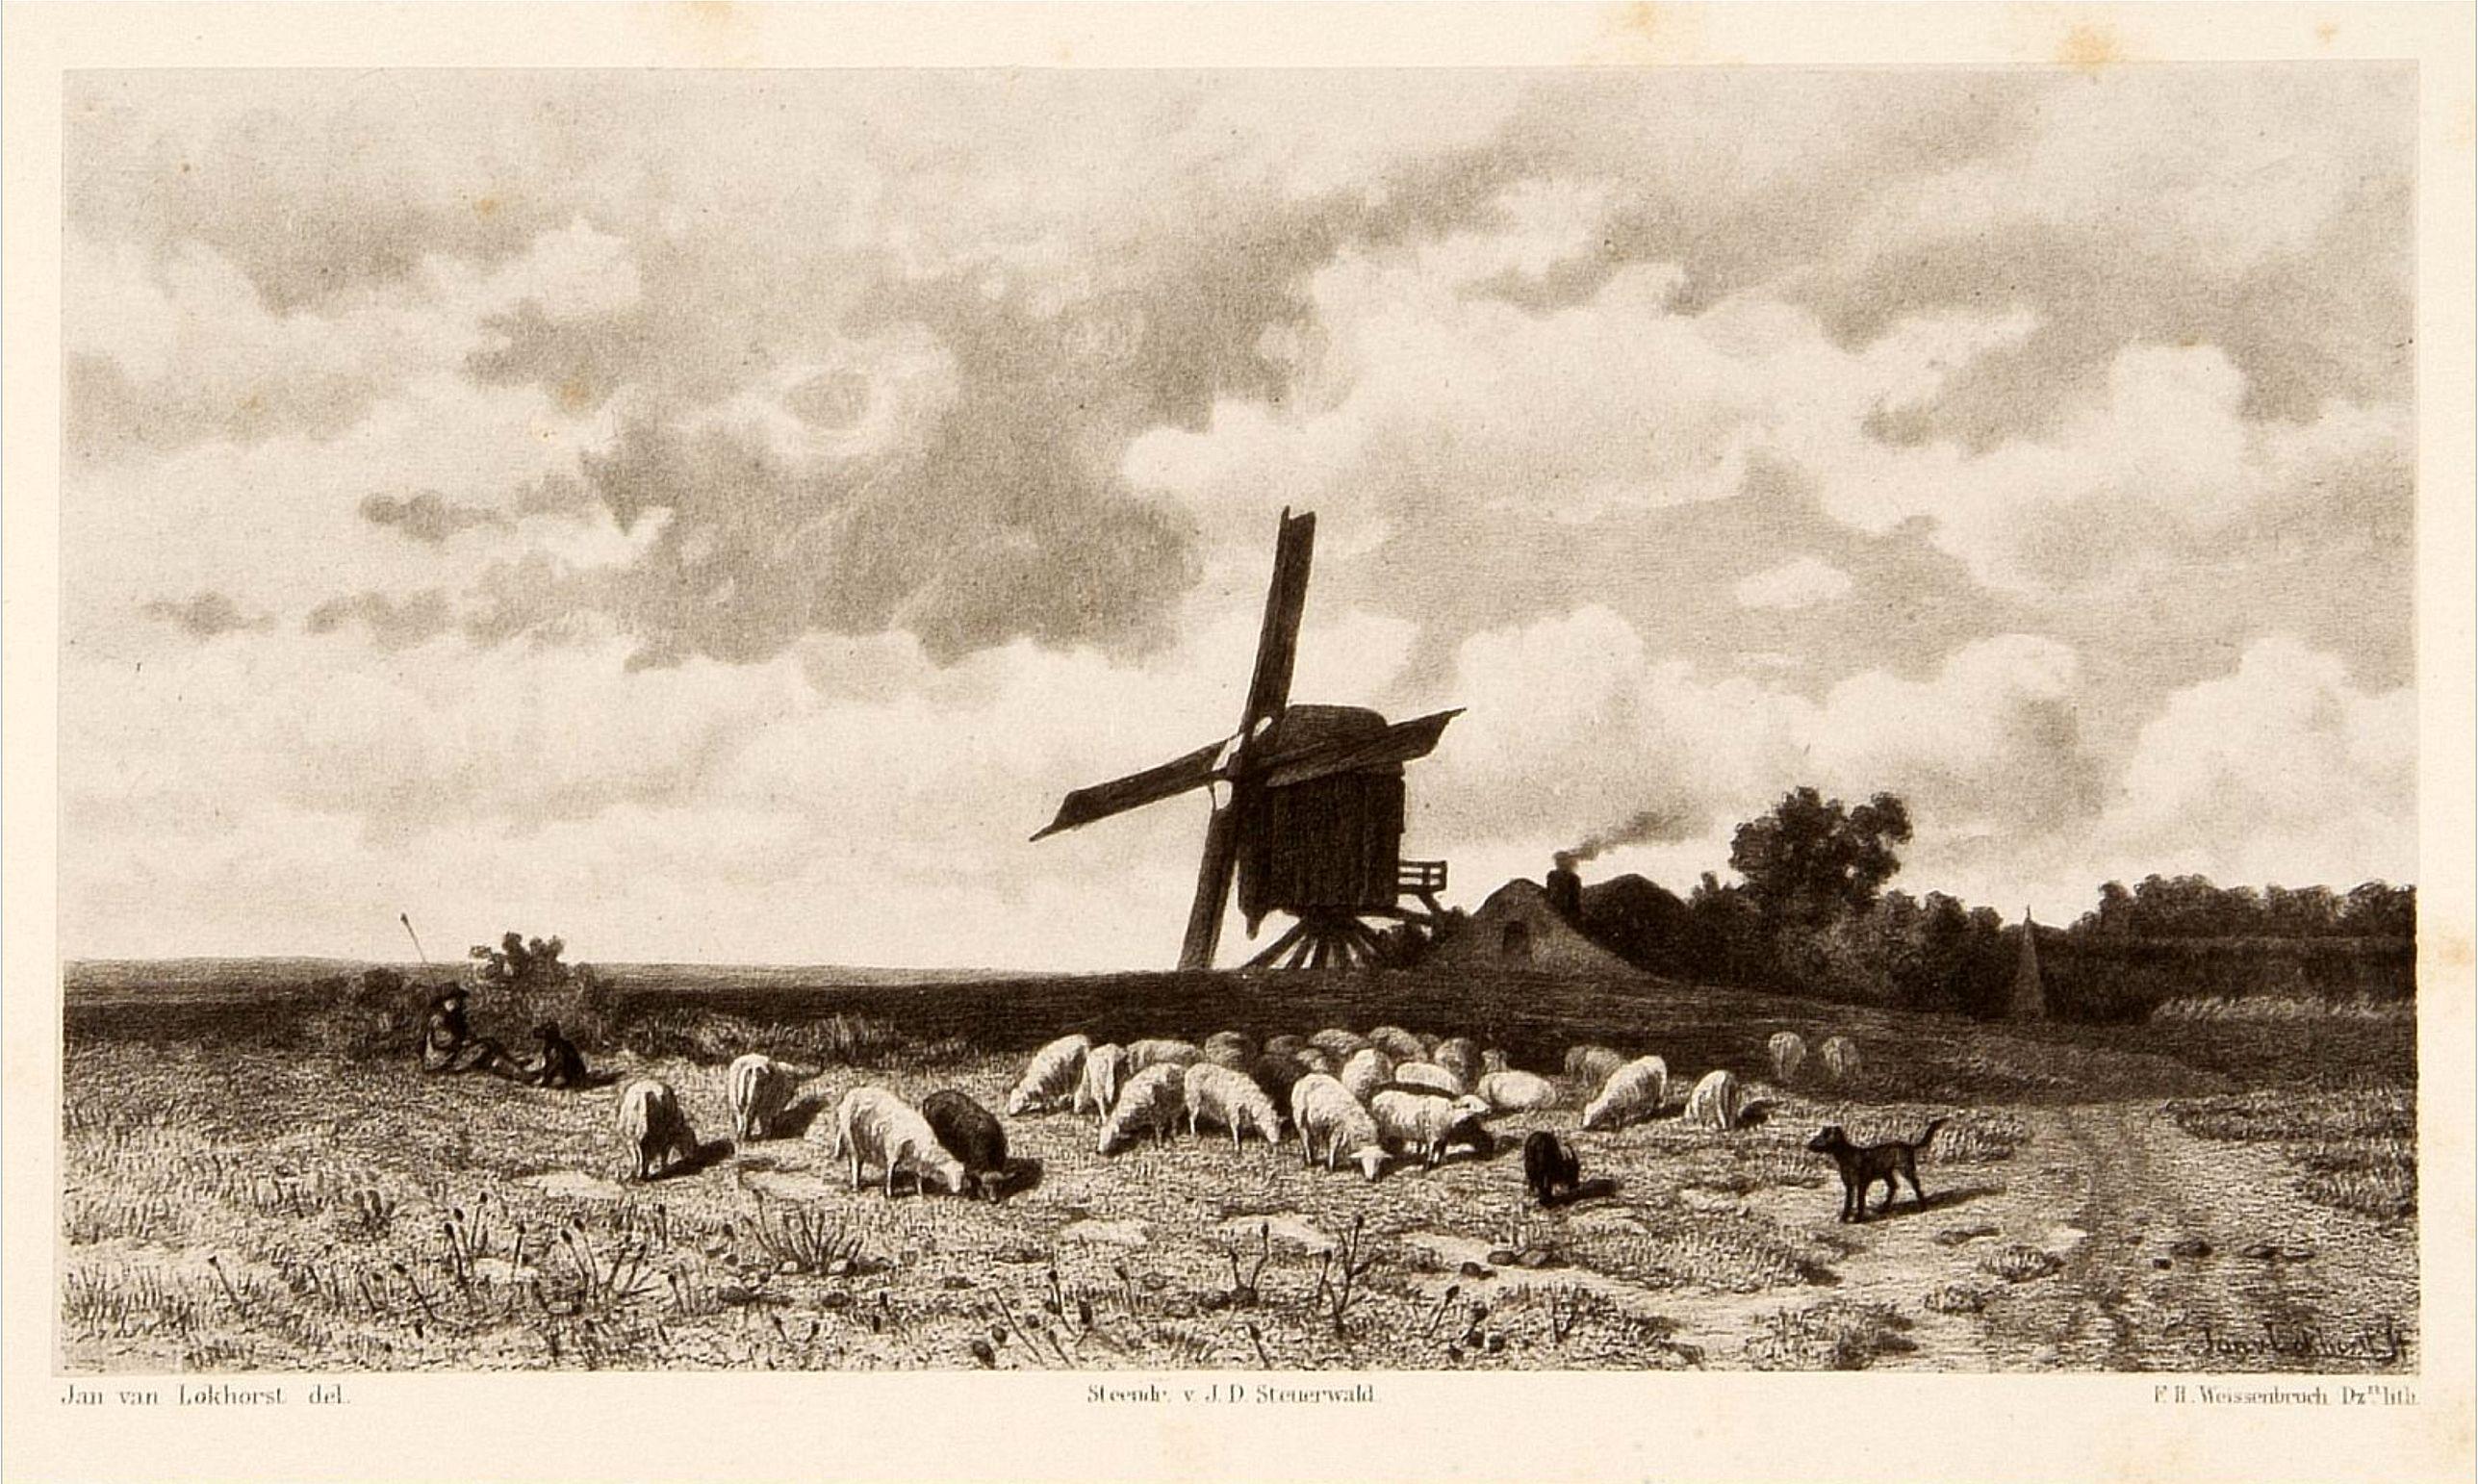 WEISSENBRUCH, F.H. -  Dutch windmill with sheeps.